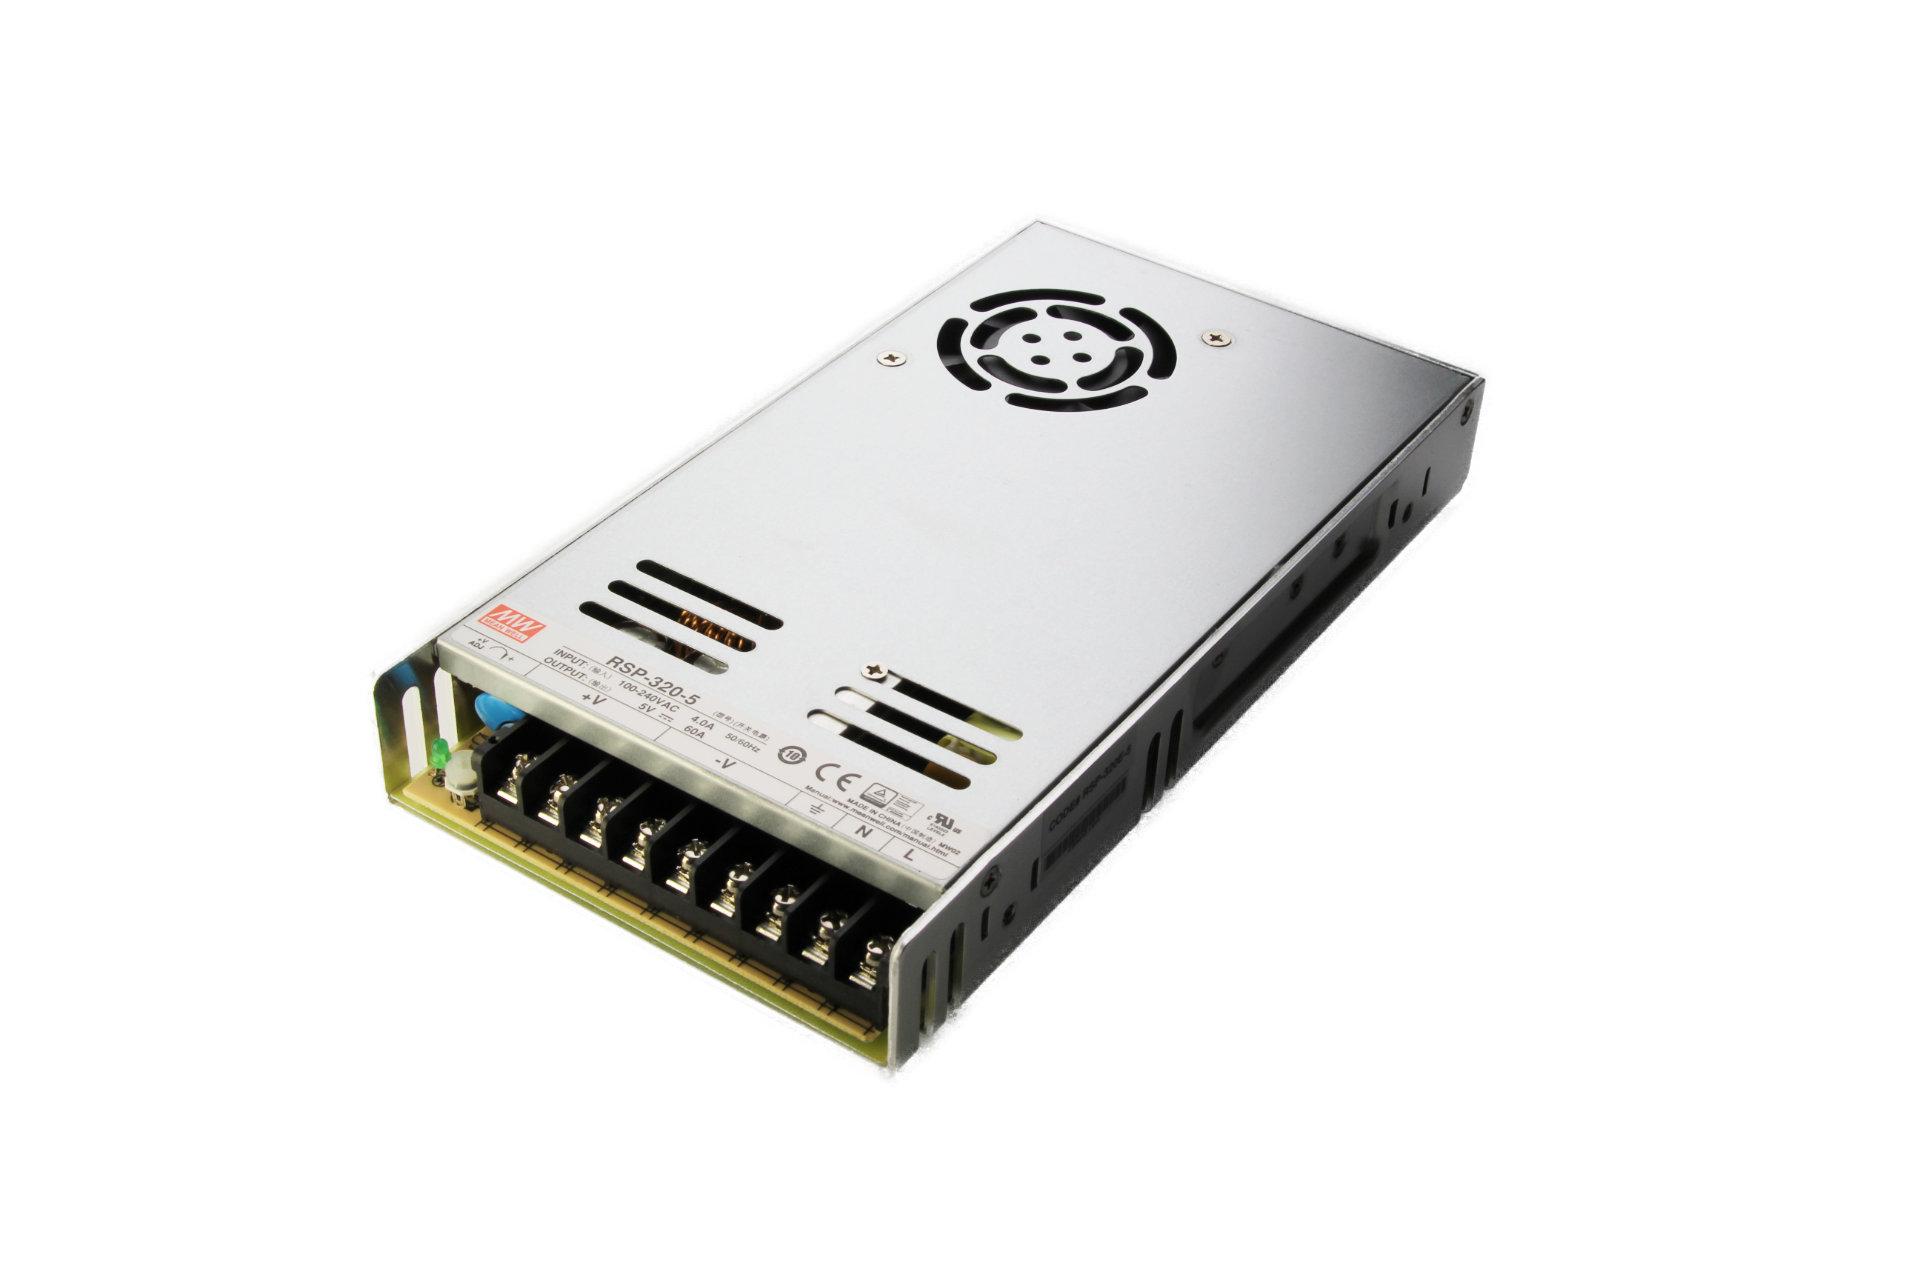 Artikelfoto 1 Netzteil Meanwell 5 Volt 320 Watt 60 Ampere RSP-320-5